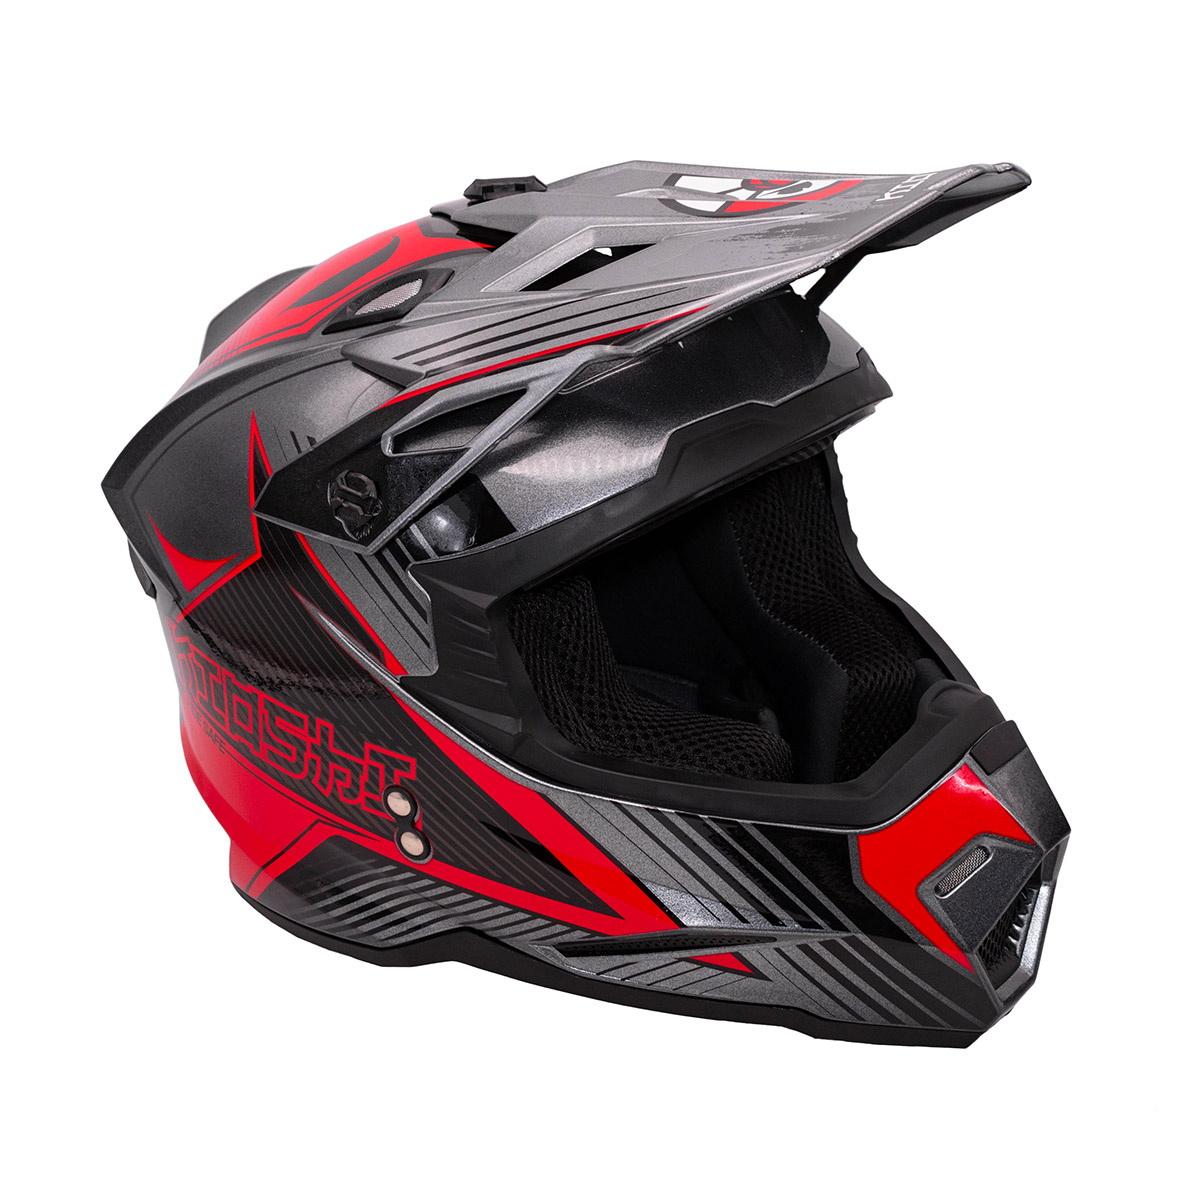 Купить Шлем KIOSHI Holeshot 801 кроссовый серый